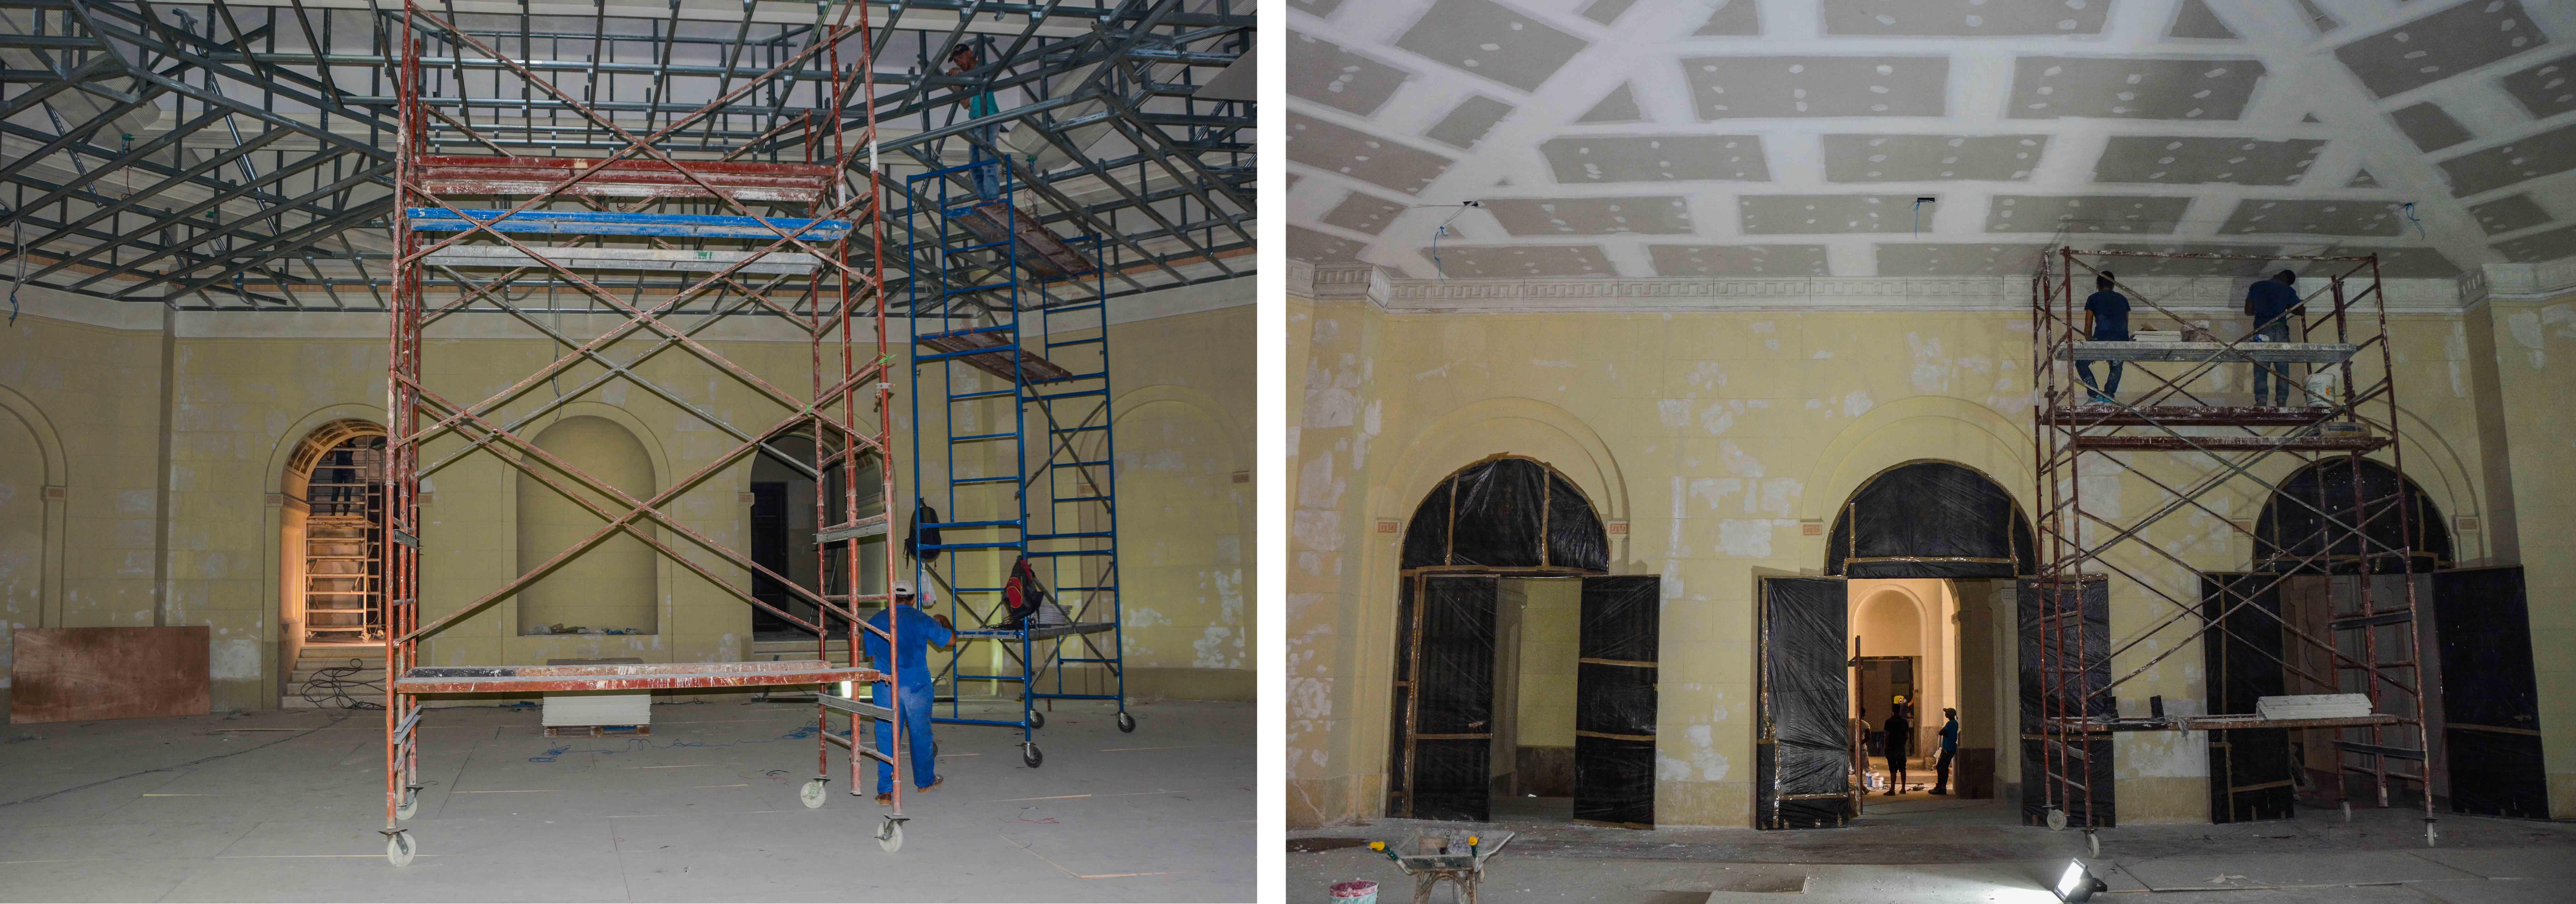 11. Montaje del techo de la cripta - Jorge Luis Beker (ANPP)